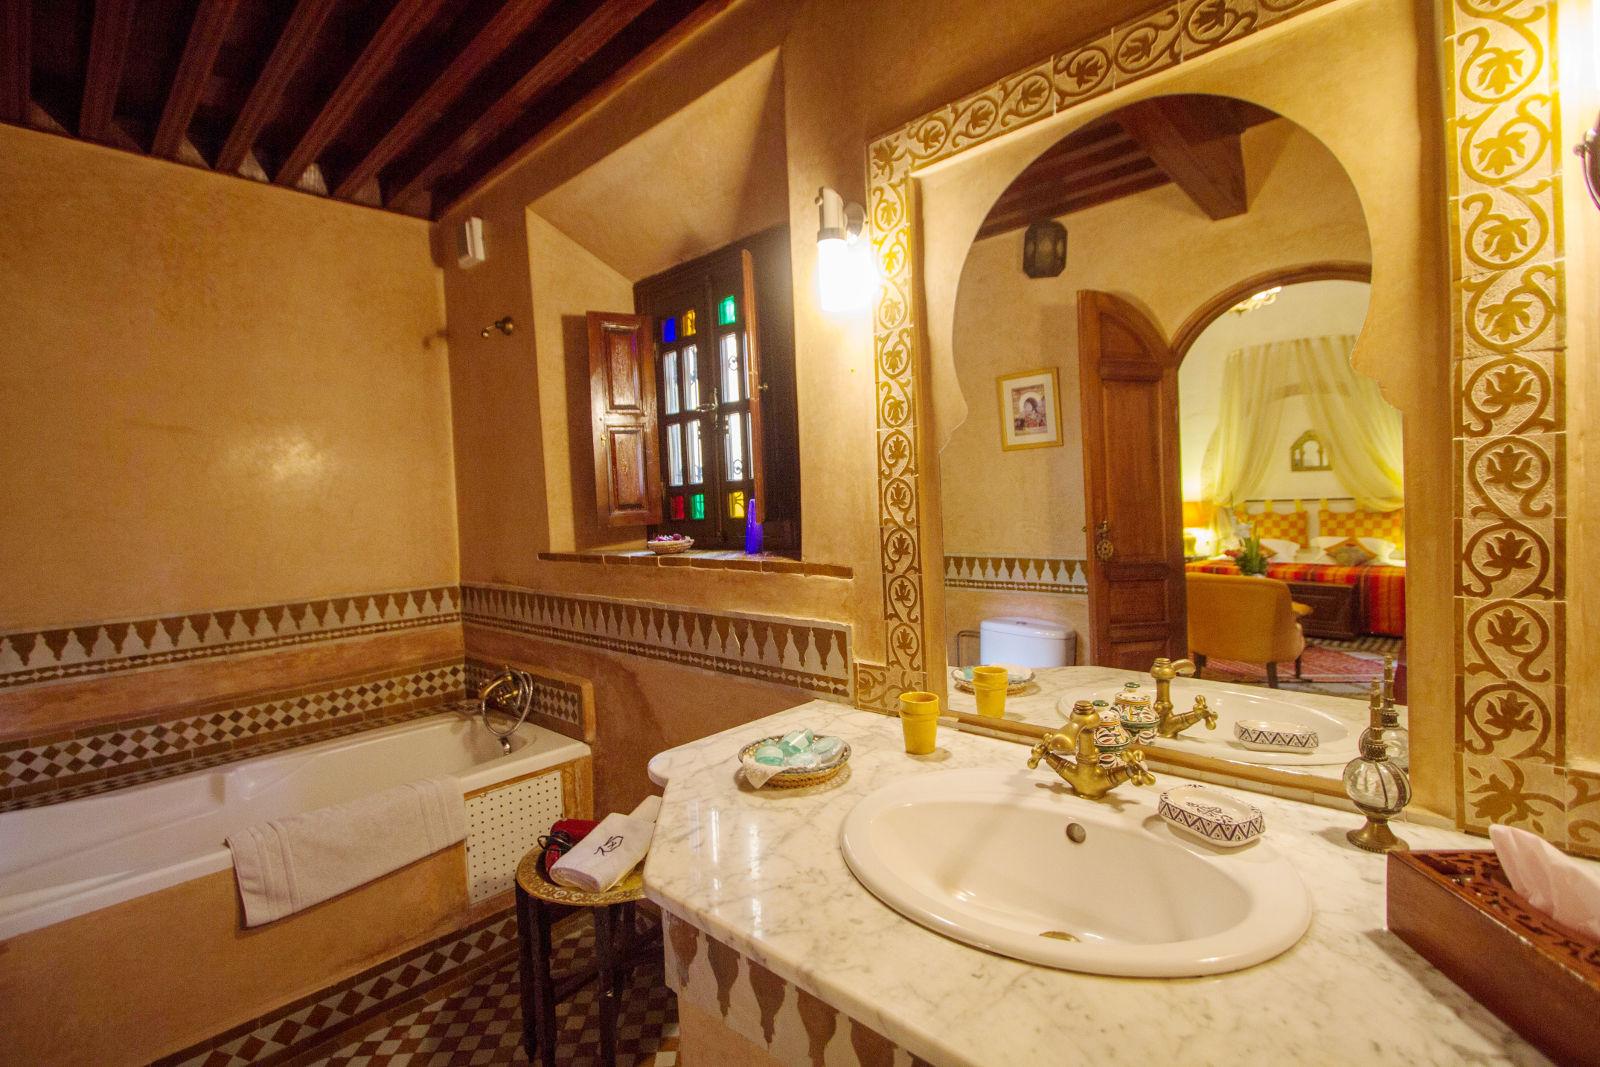 Suite manon salle de bain for Manon leblanc salle de bain